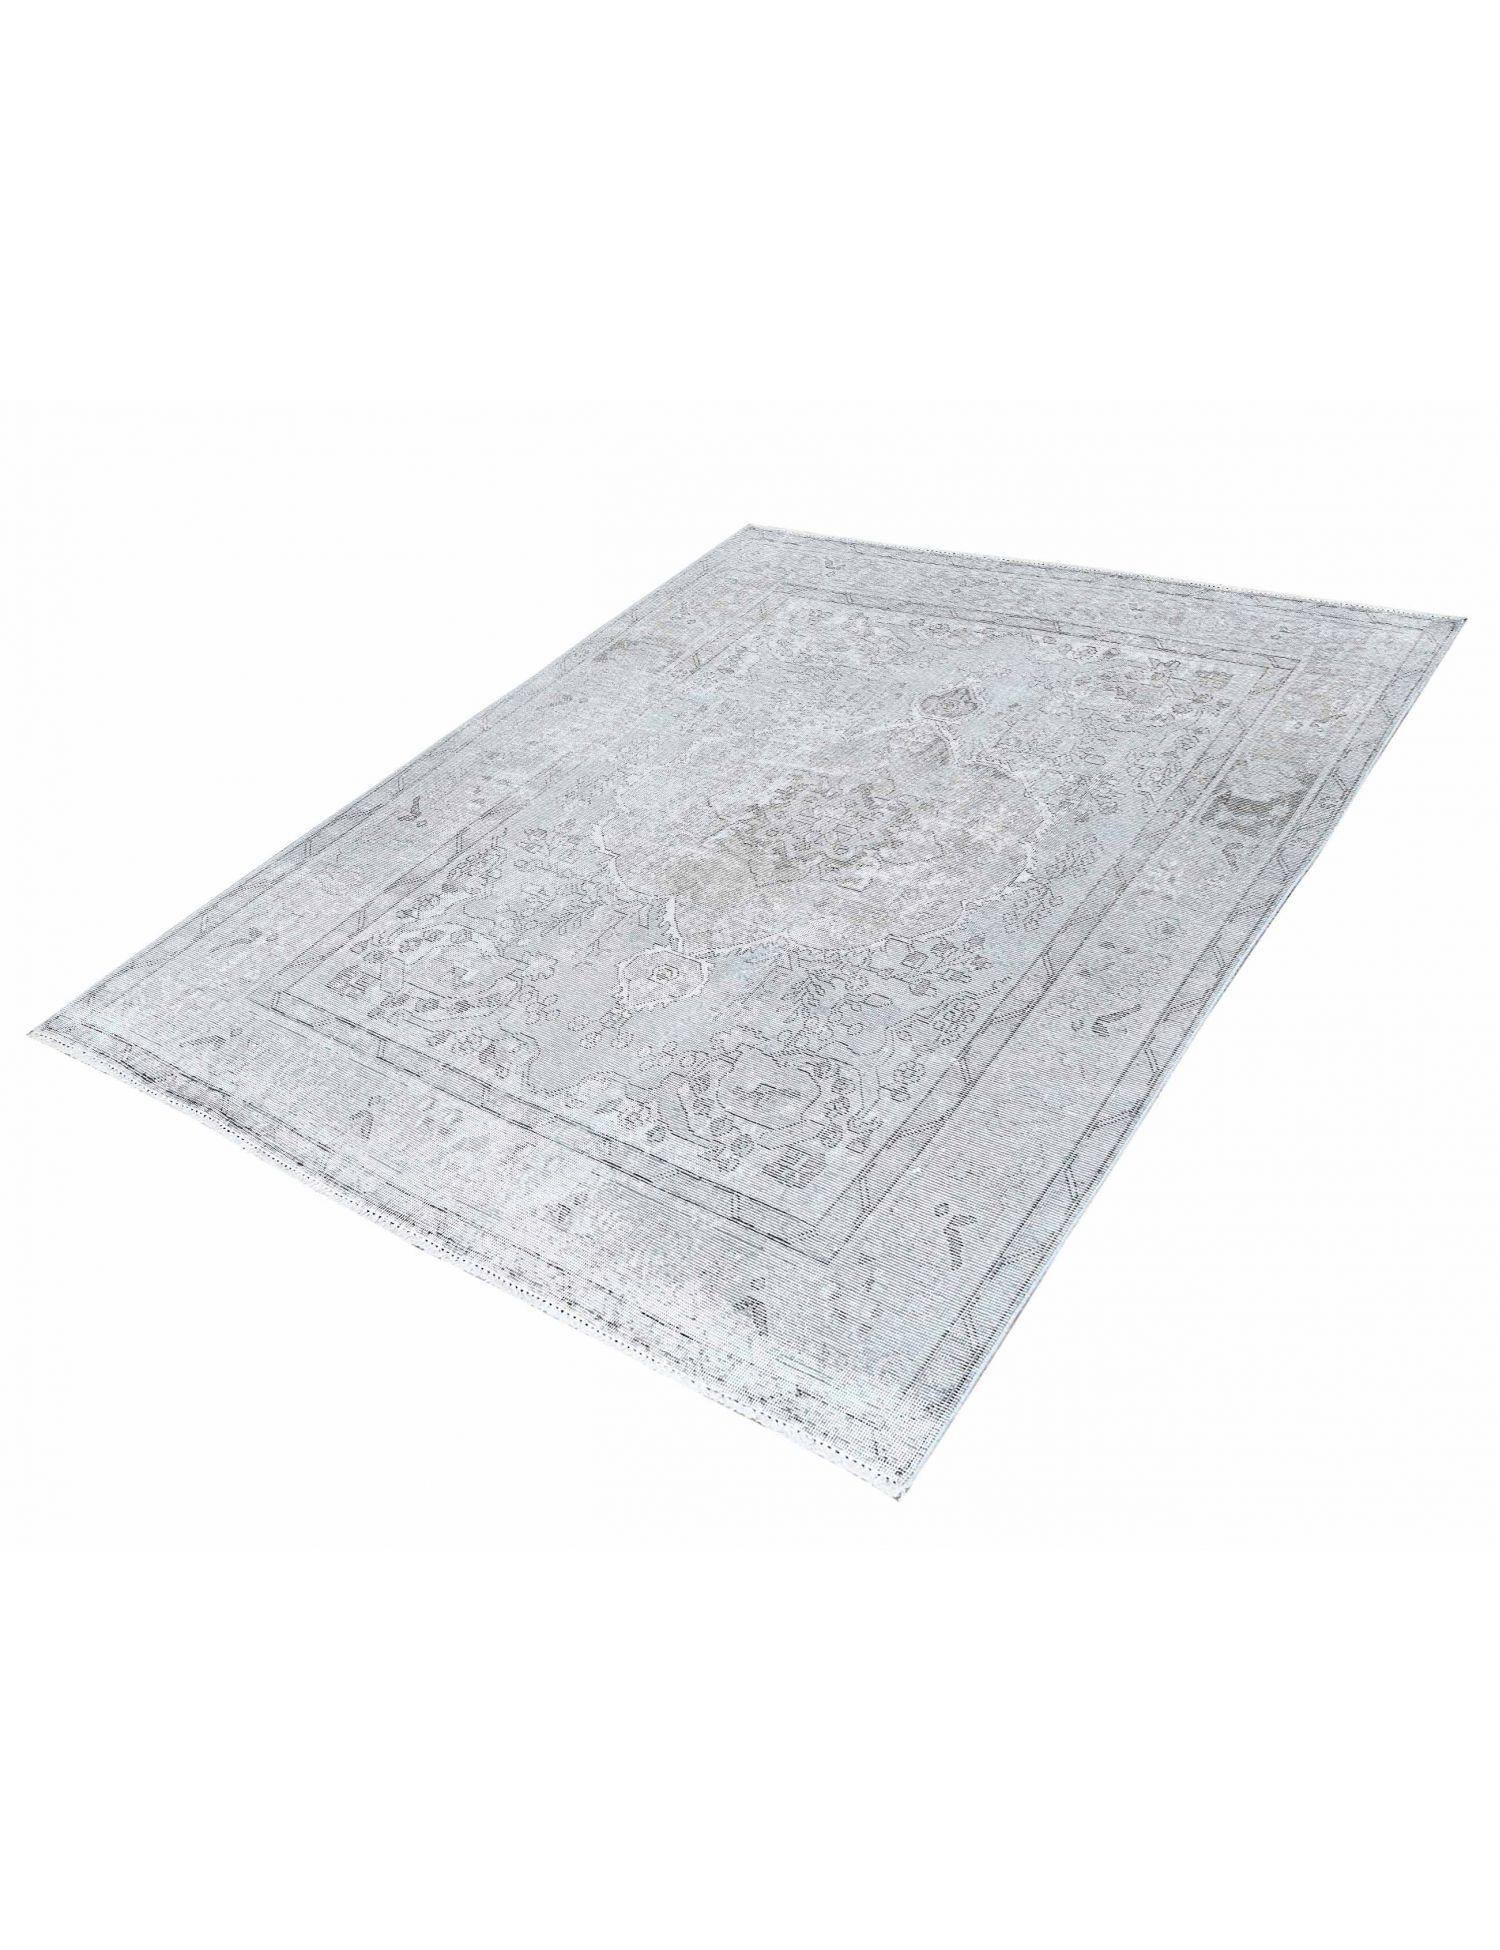 Persischer Vintage Teppich  grau <br/>274 x 192 cm